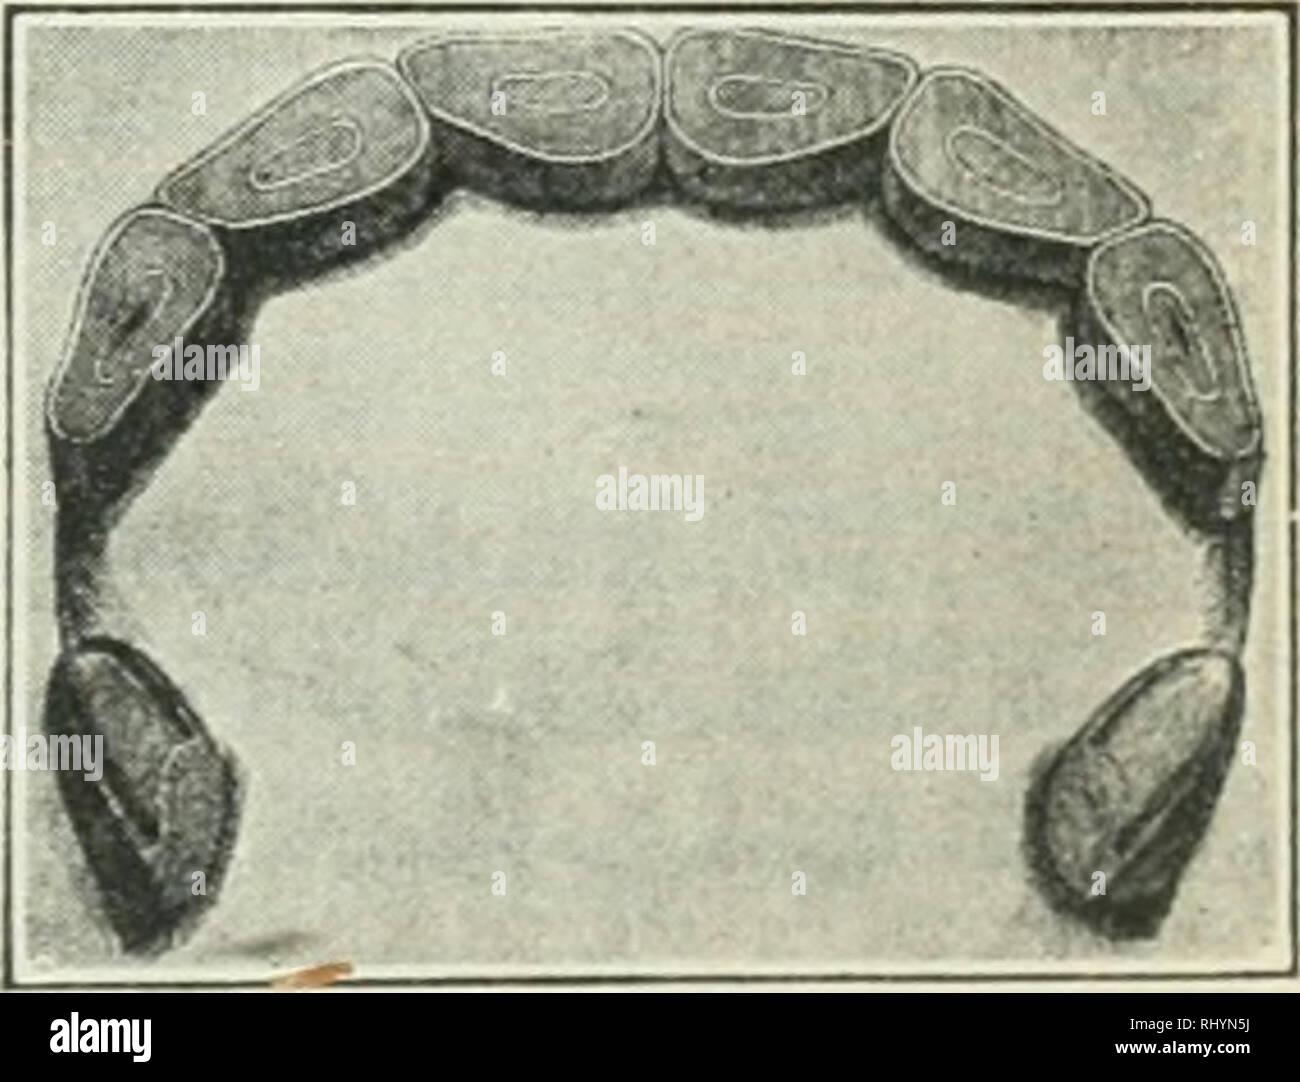 . Débuts dans l'élevage. Le bétail, la volaille. Fig. Ainsi. S ans.. Veuillez noter que ces images sont extraites de la page numérisée des images qui peuvent avoir été retouchées numériquement pour plus de lisibilité - coloration et l'aspect de ces illustrations ne peut pas parfaitement ressembler à l'œuvre originale.. Plumb, Charles Sumner, 1860-1939. Saint Paul, Minn.: Webb Pub. Co. Banque D'Images